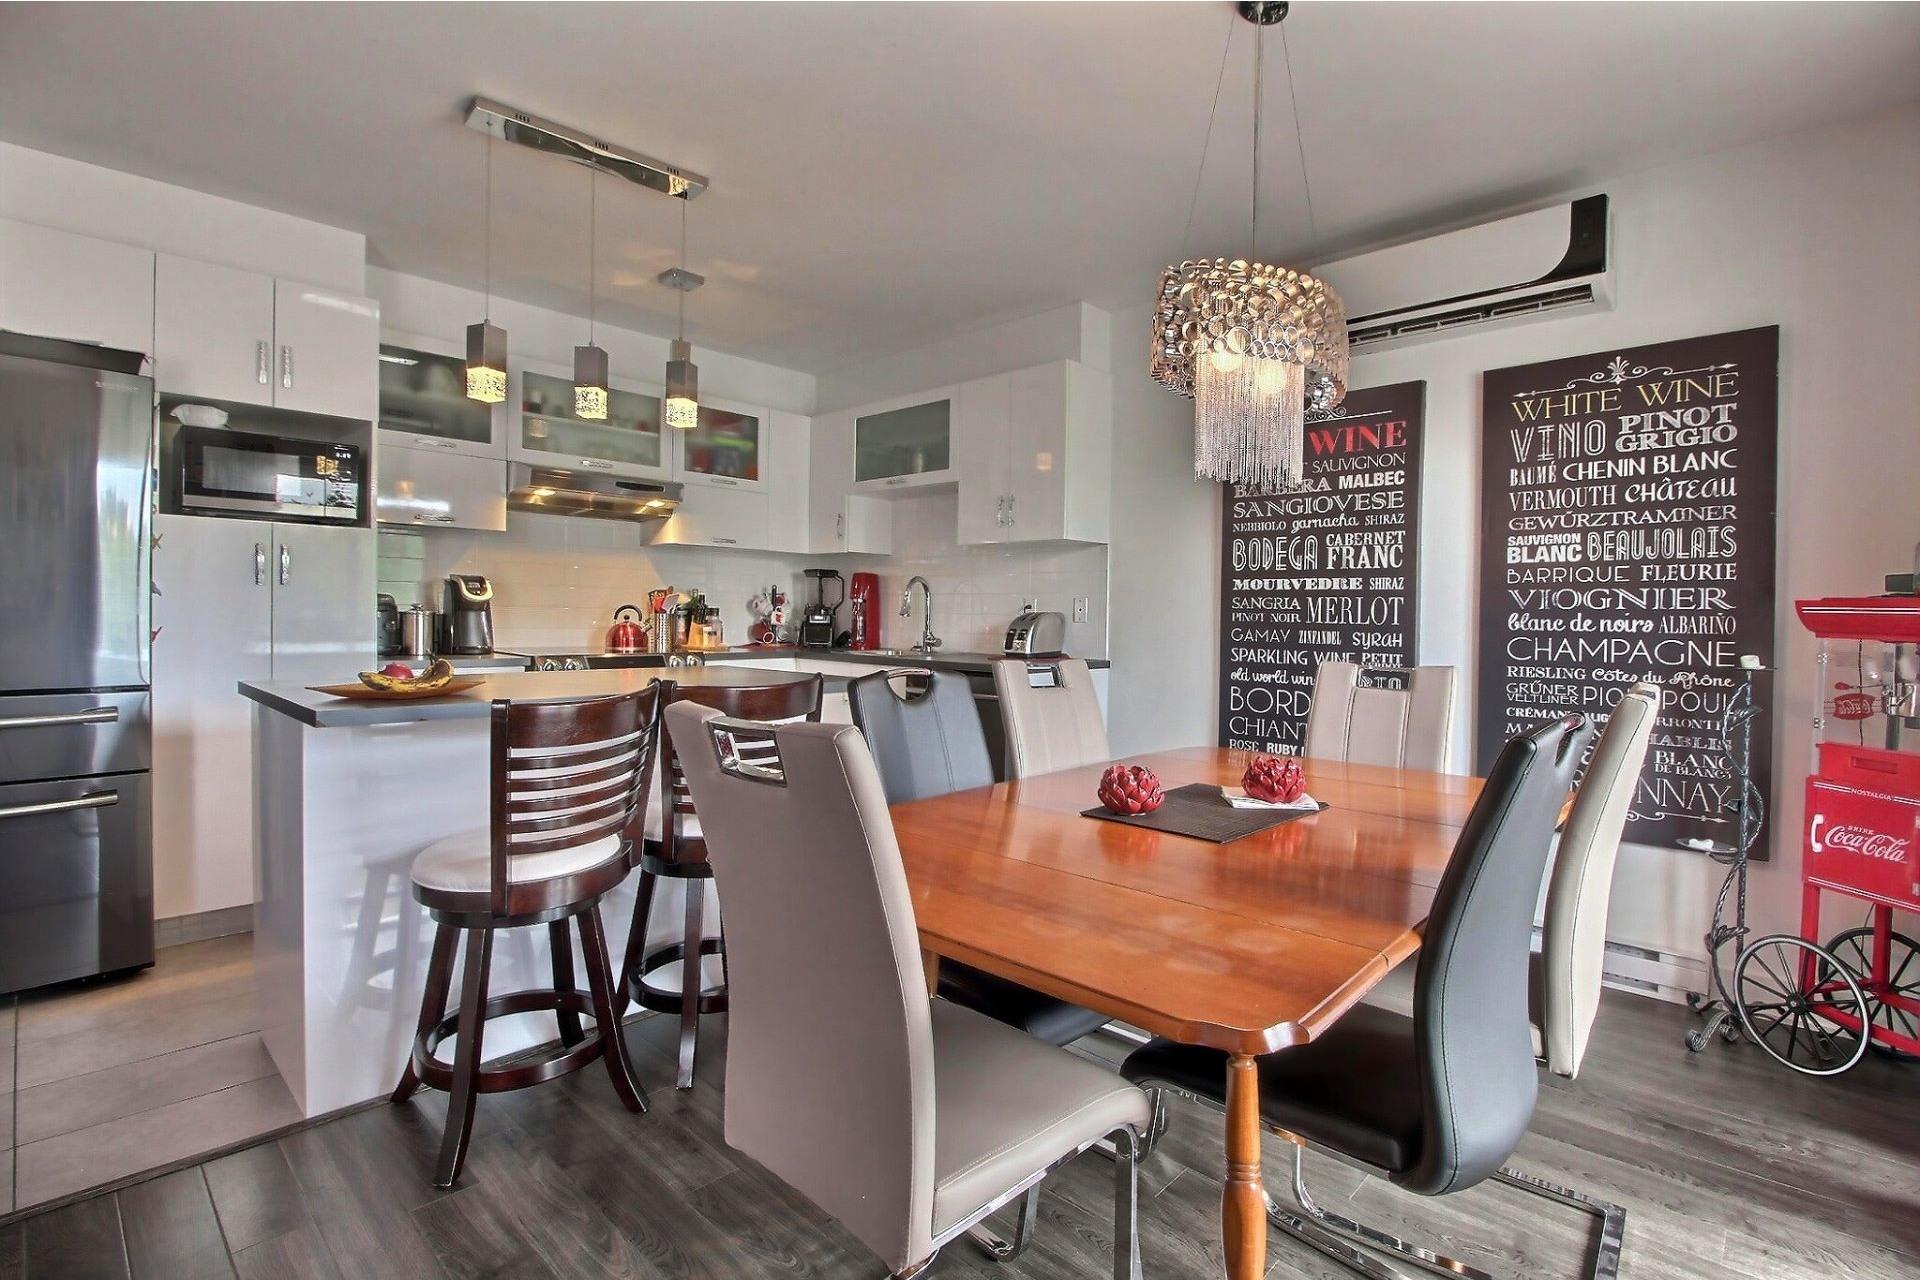 image 5 - Apartment For sale Rivière-des-Prairies/Pointe-aux-Trembles Montréal  - 9 rooms